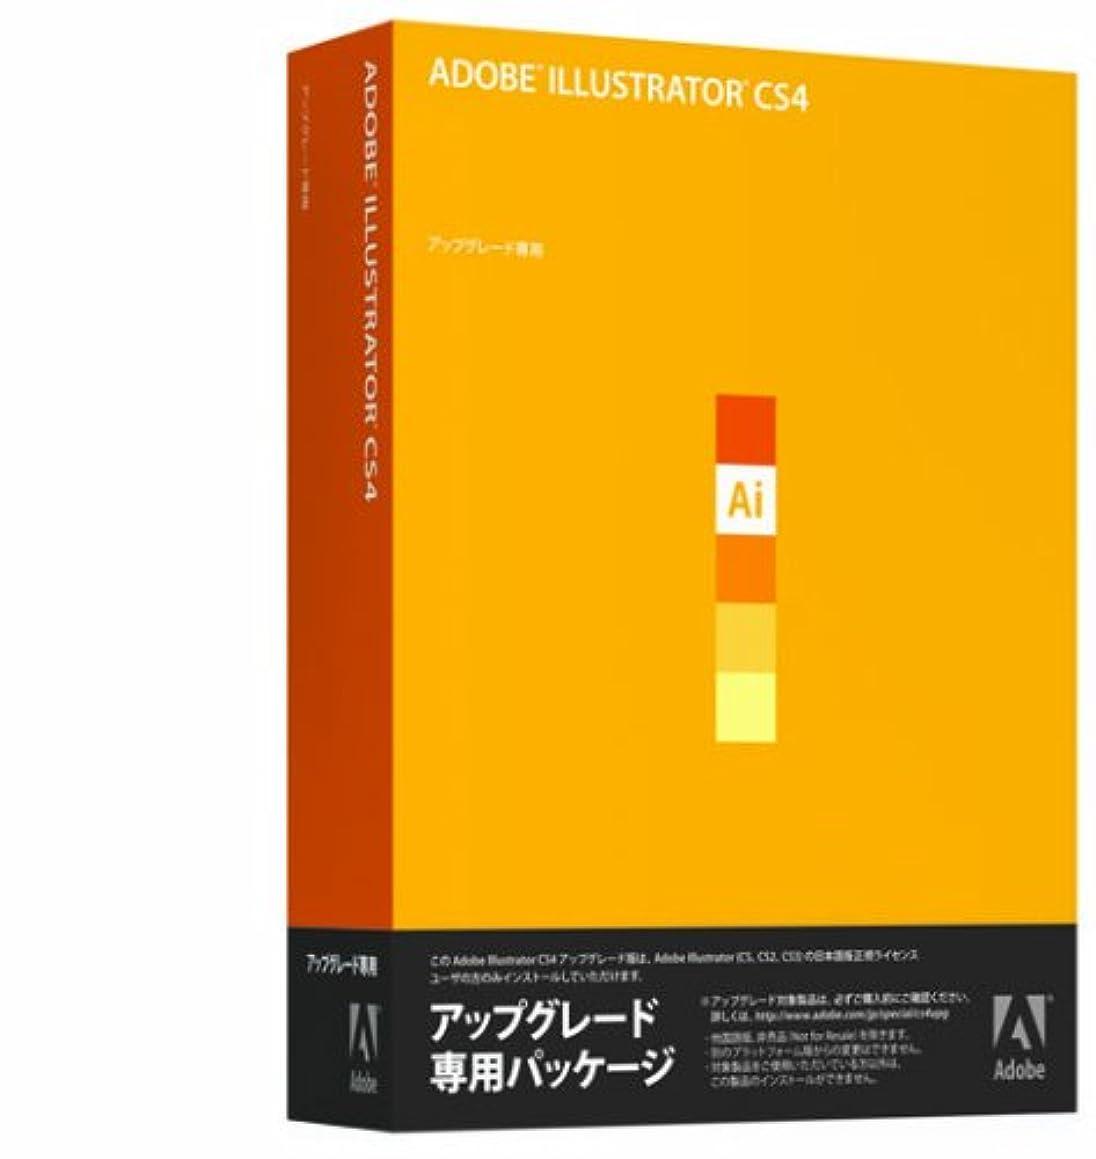 こねる委託乳製品Adobe Illustrator CS4 (V14.0) 日本語版 アップグレード版 Windows版 (旧製品)